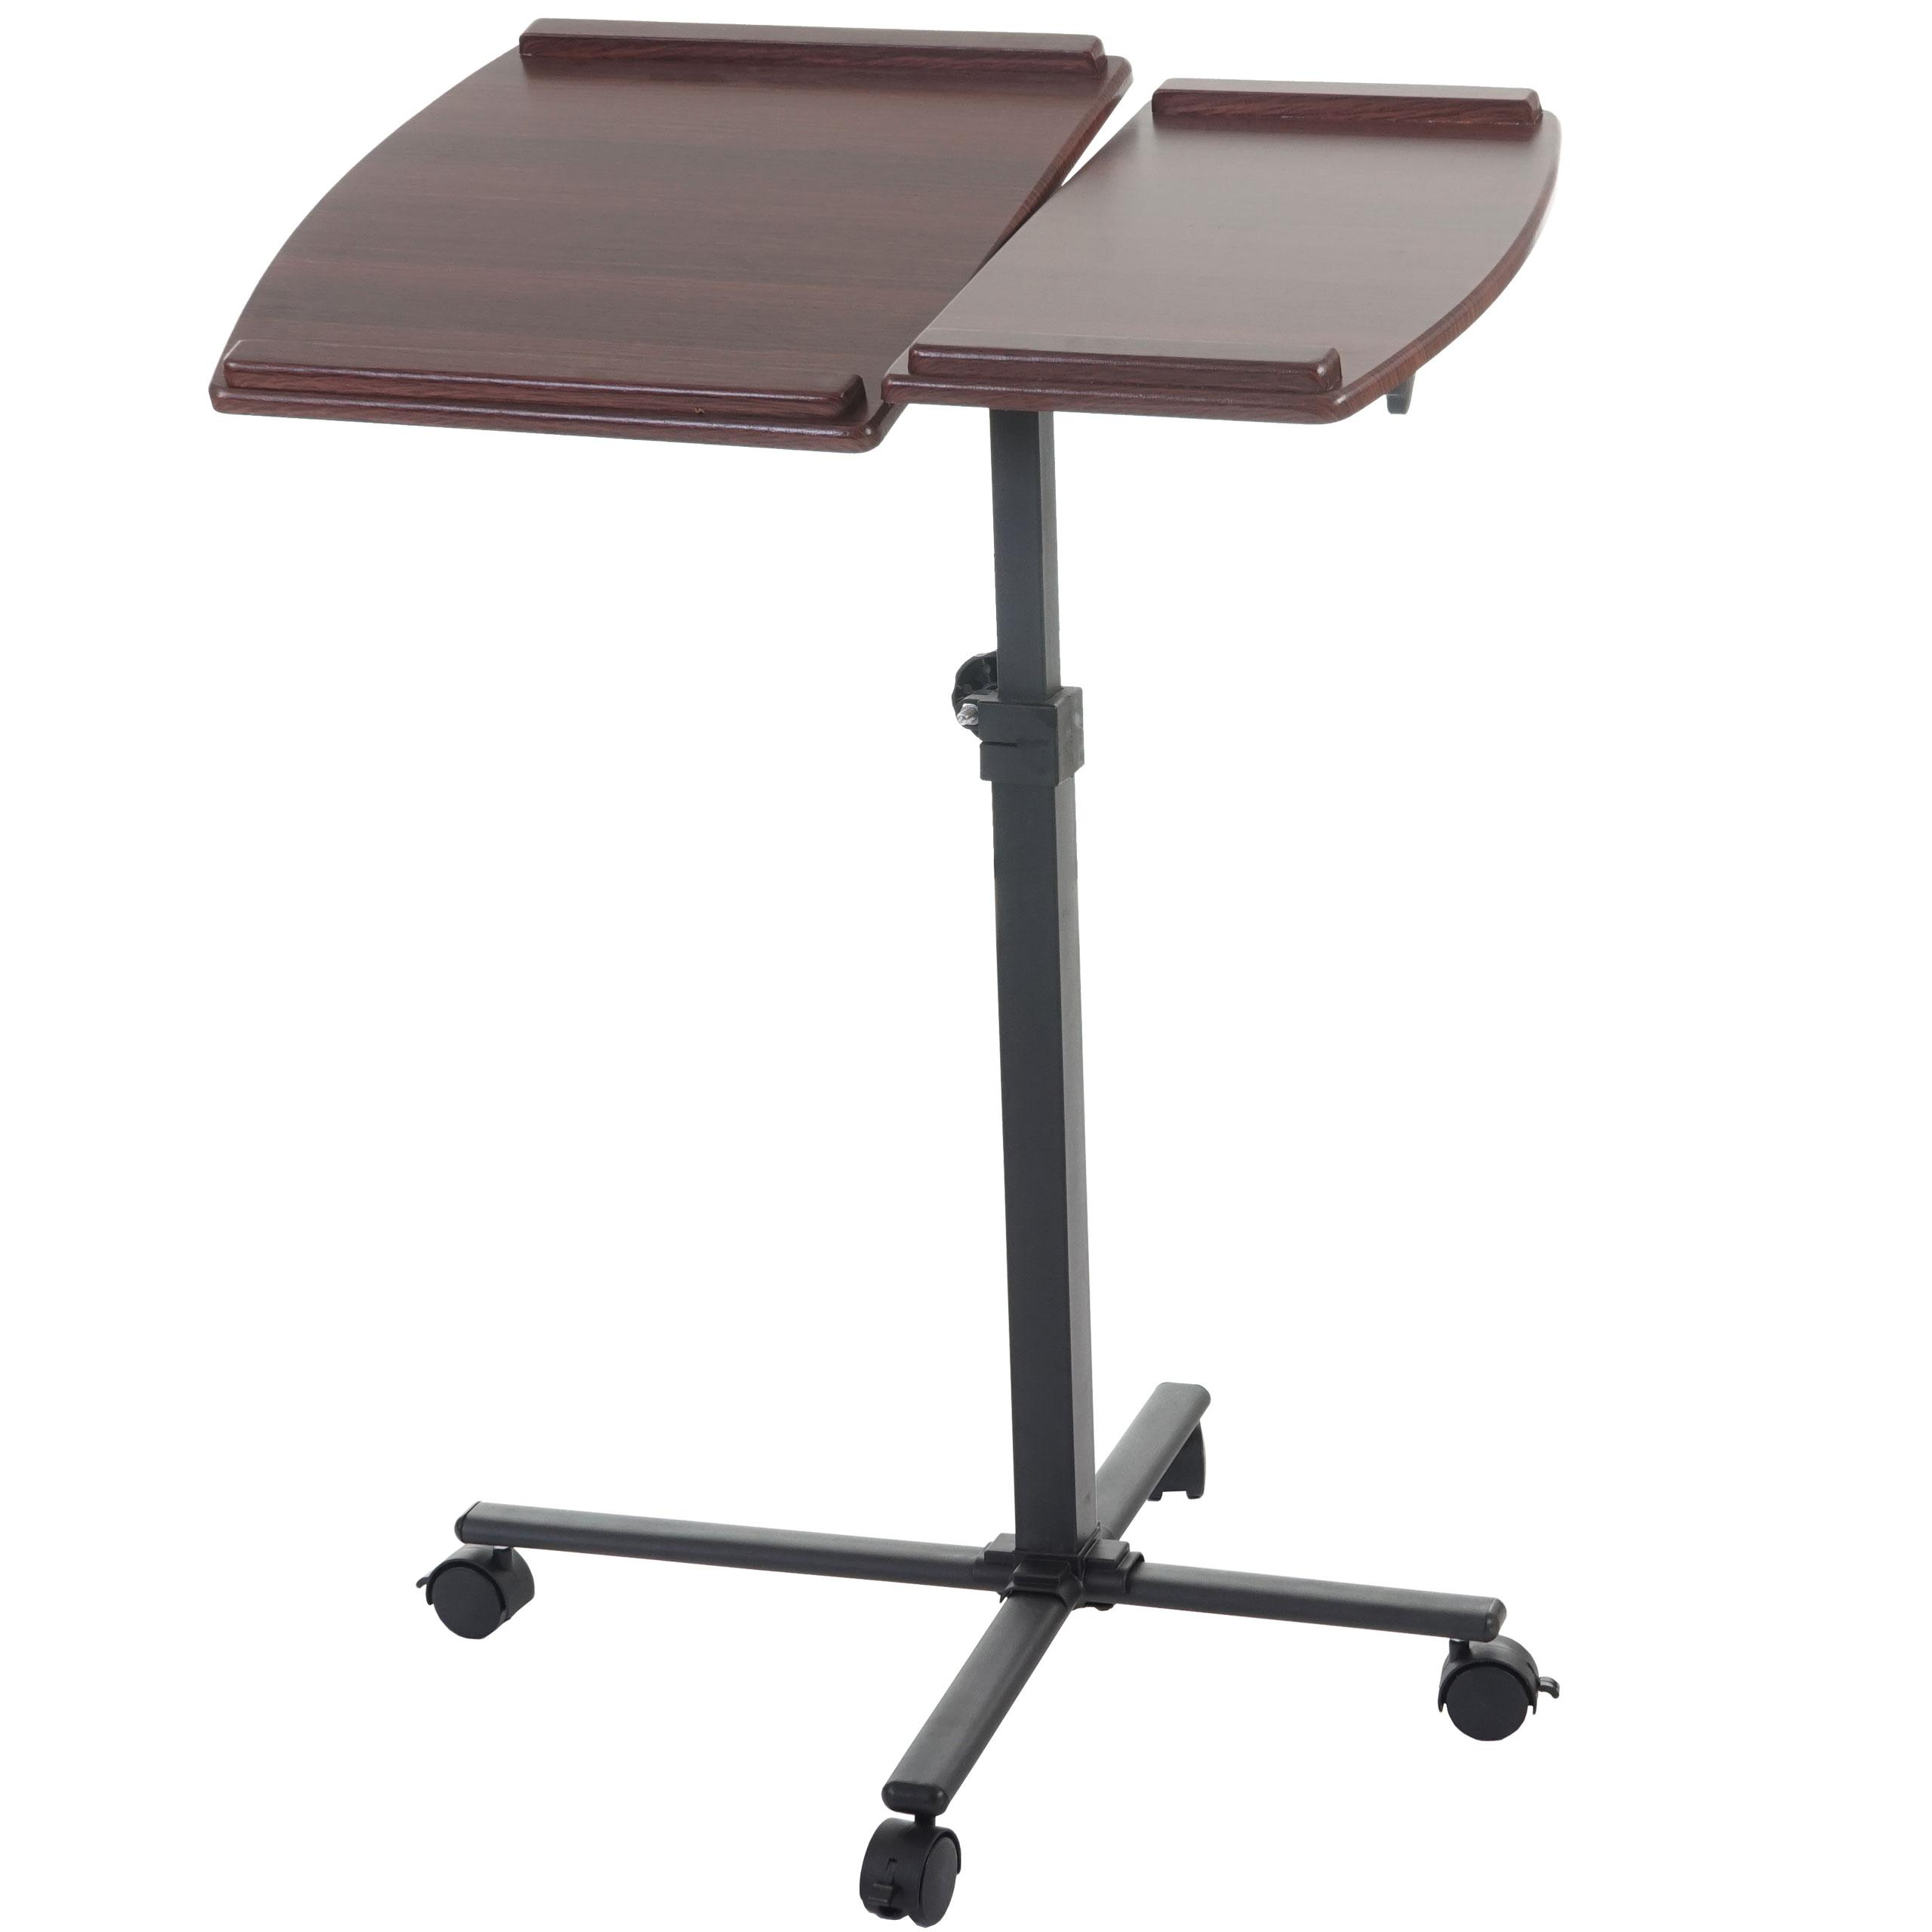 Tavolino leggio stand top altezza regolabile con ruote ripiano in legno color noce - Leggio da tavolo per studiare ...